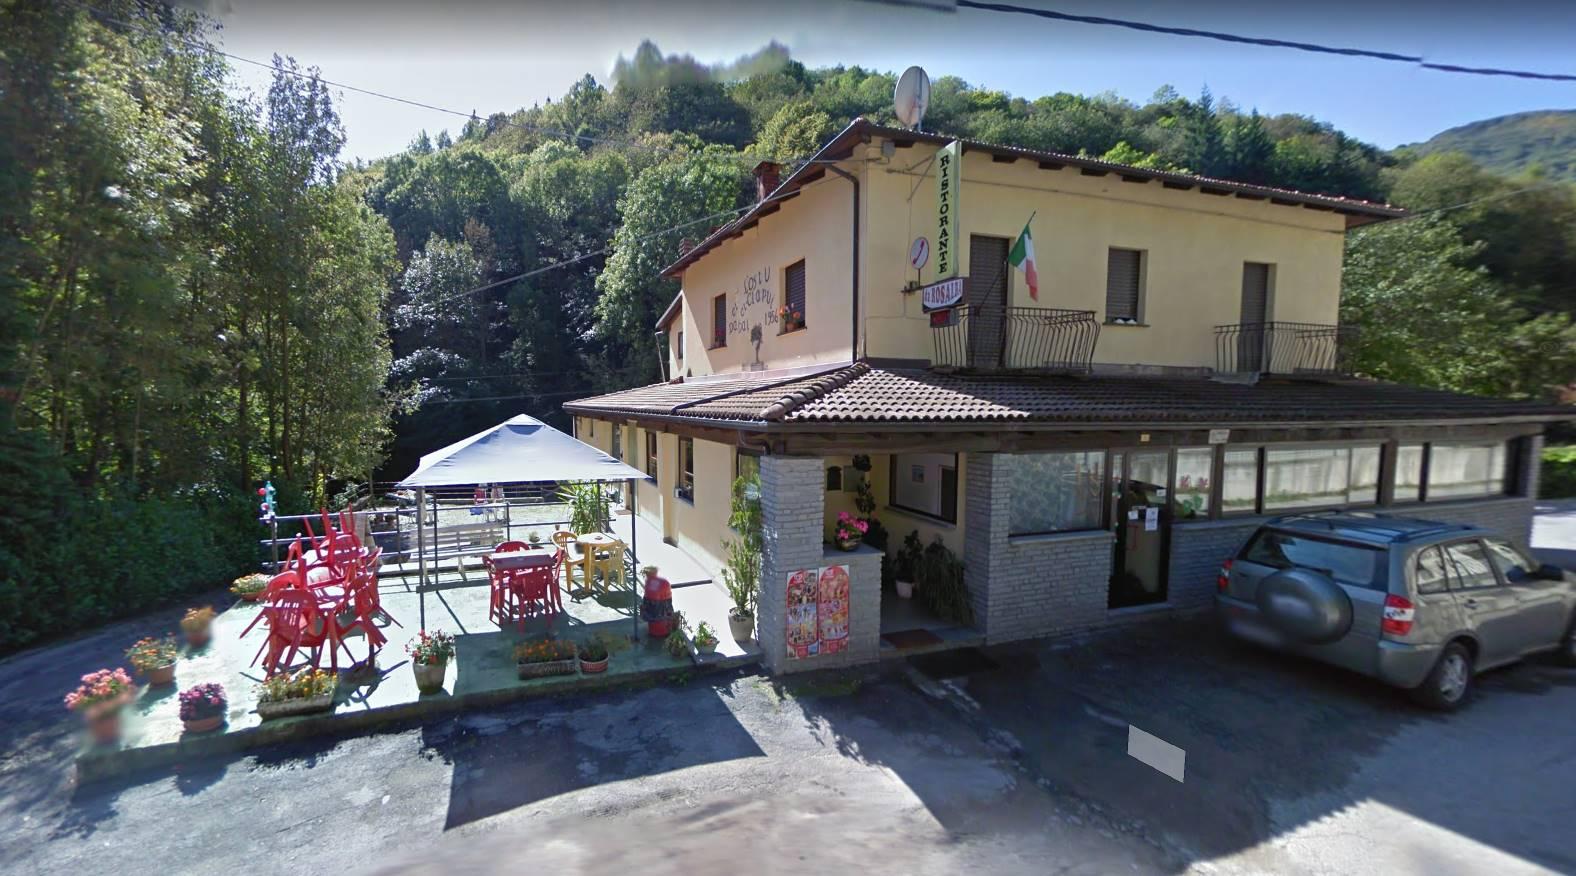 Ristorante / Pizzeria / Trattoria in affitto a Valloriate, 3 locali, prezzo € 300 | PortaleAgenzieImmobiliari.it